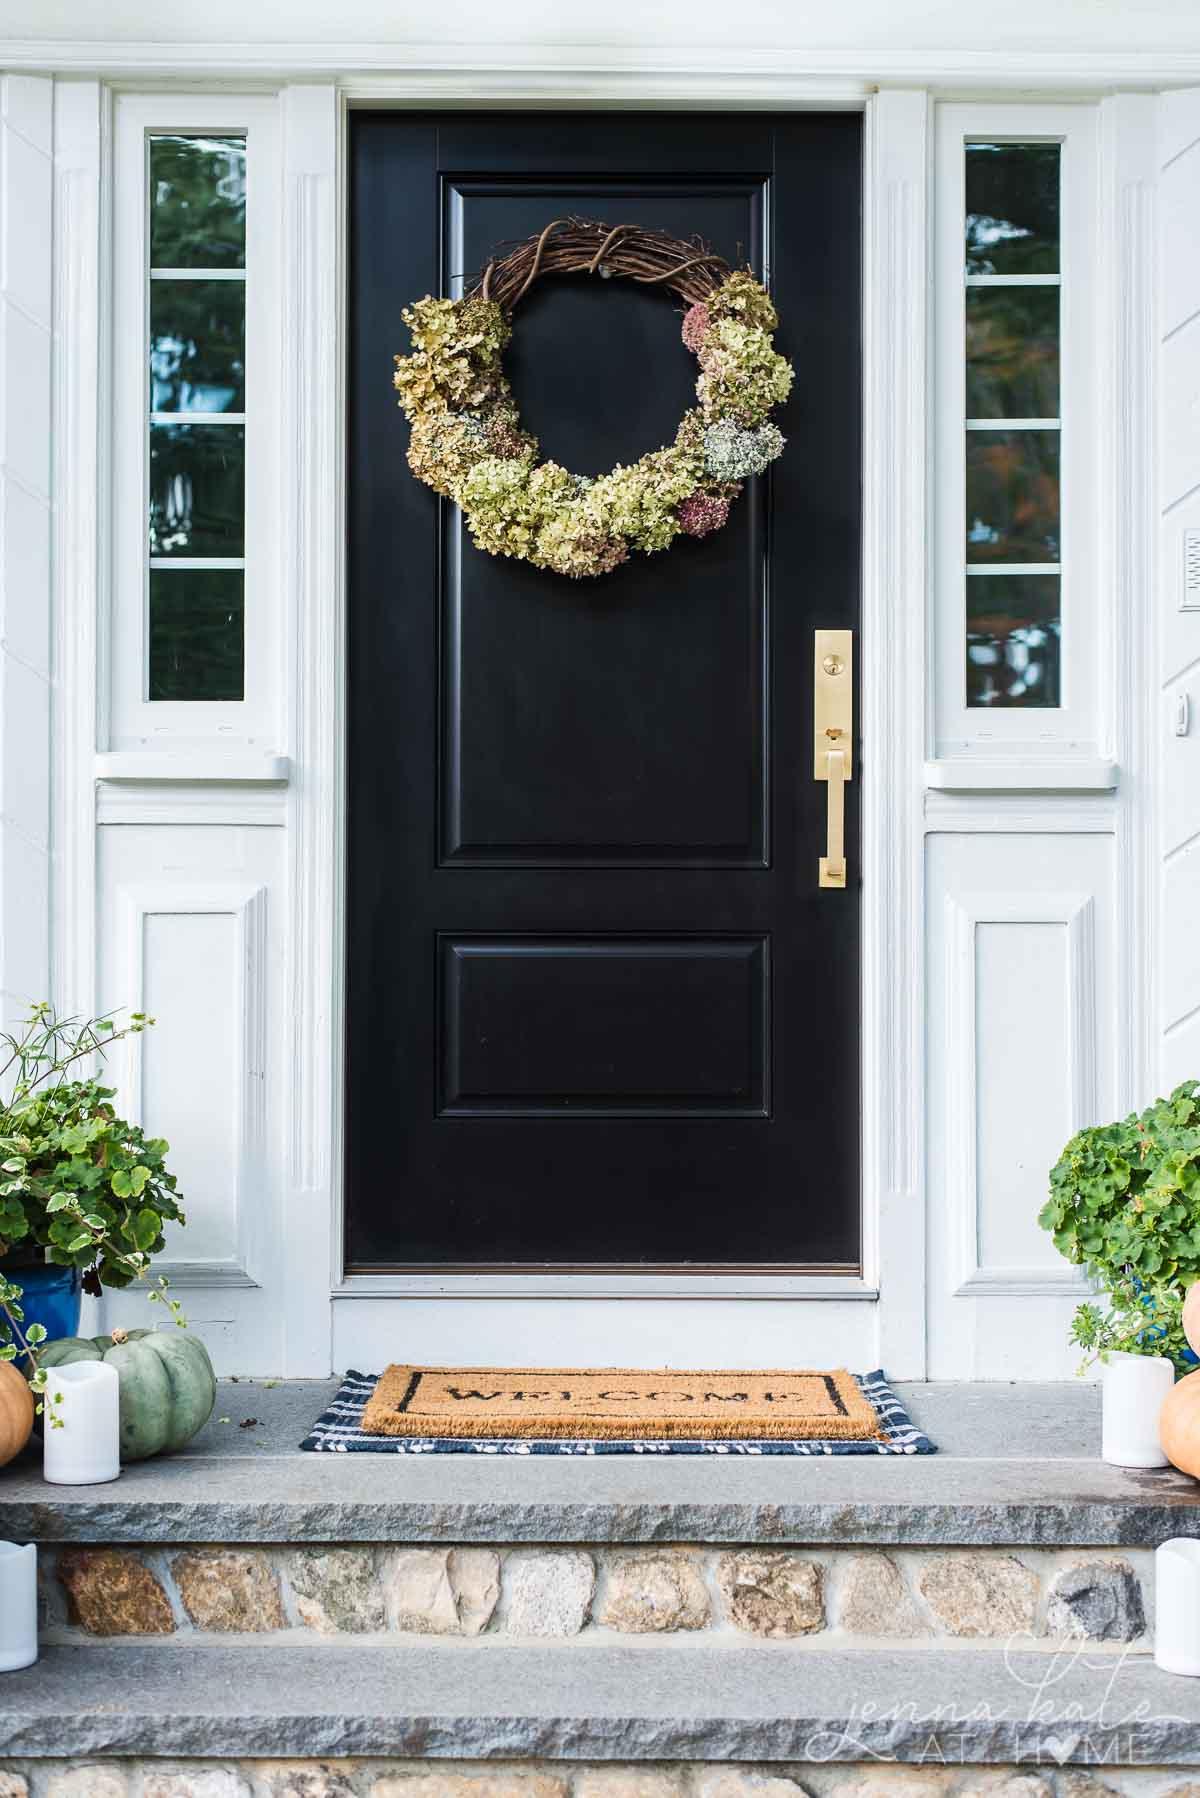 diy hydrangea wreath hanging on a black front door